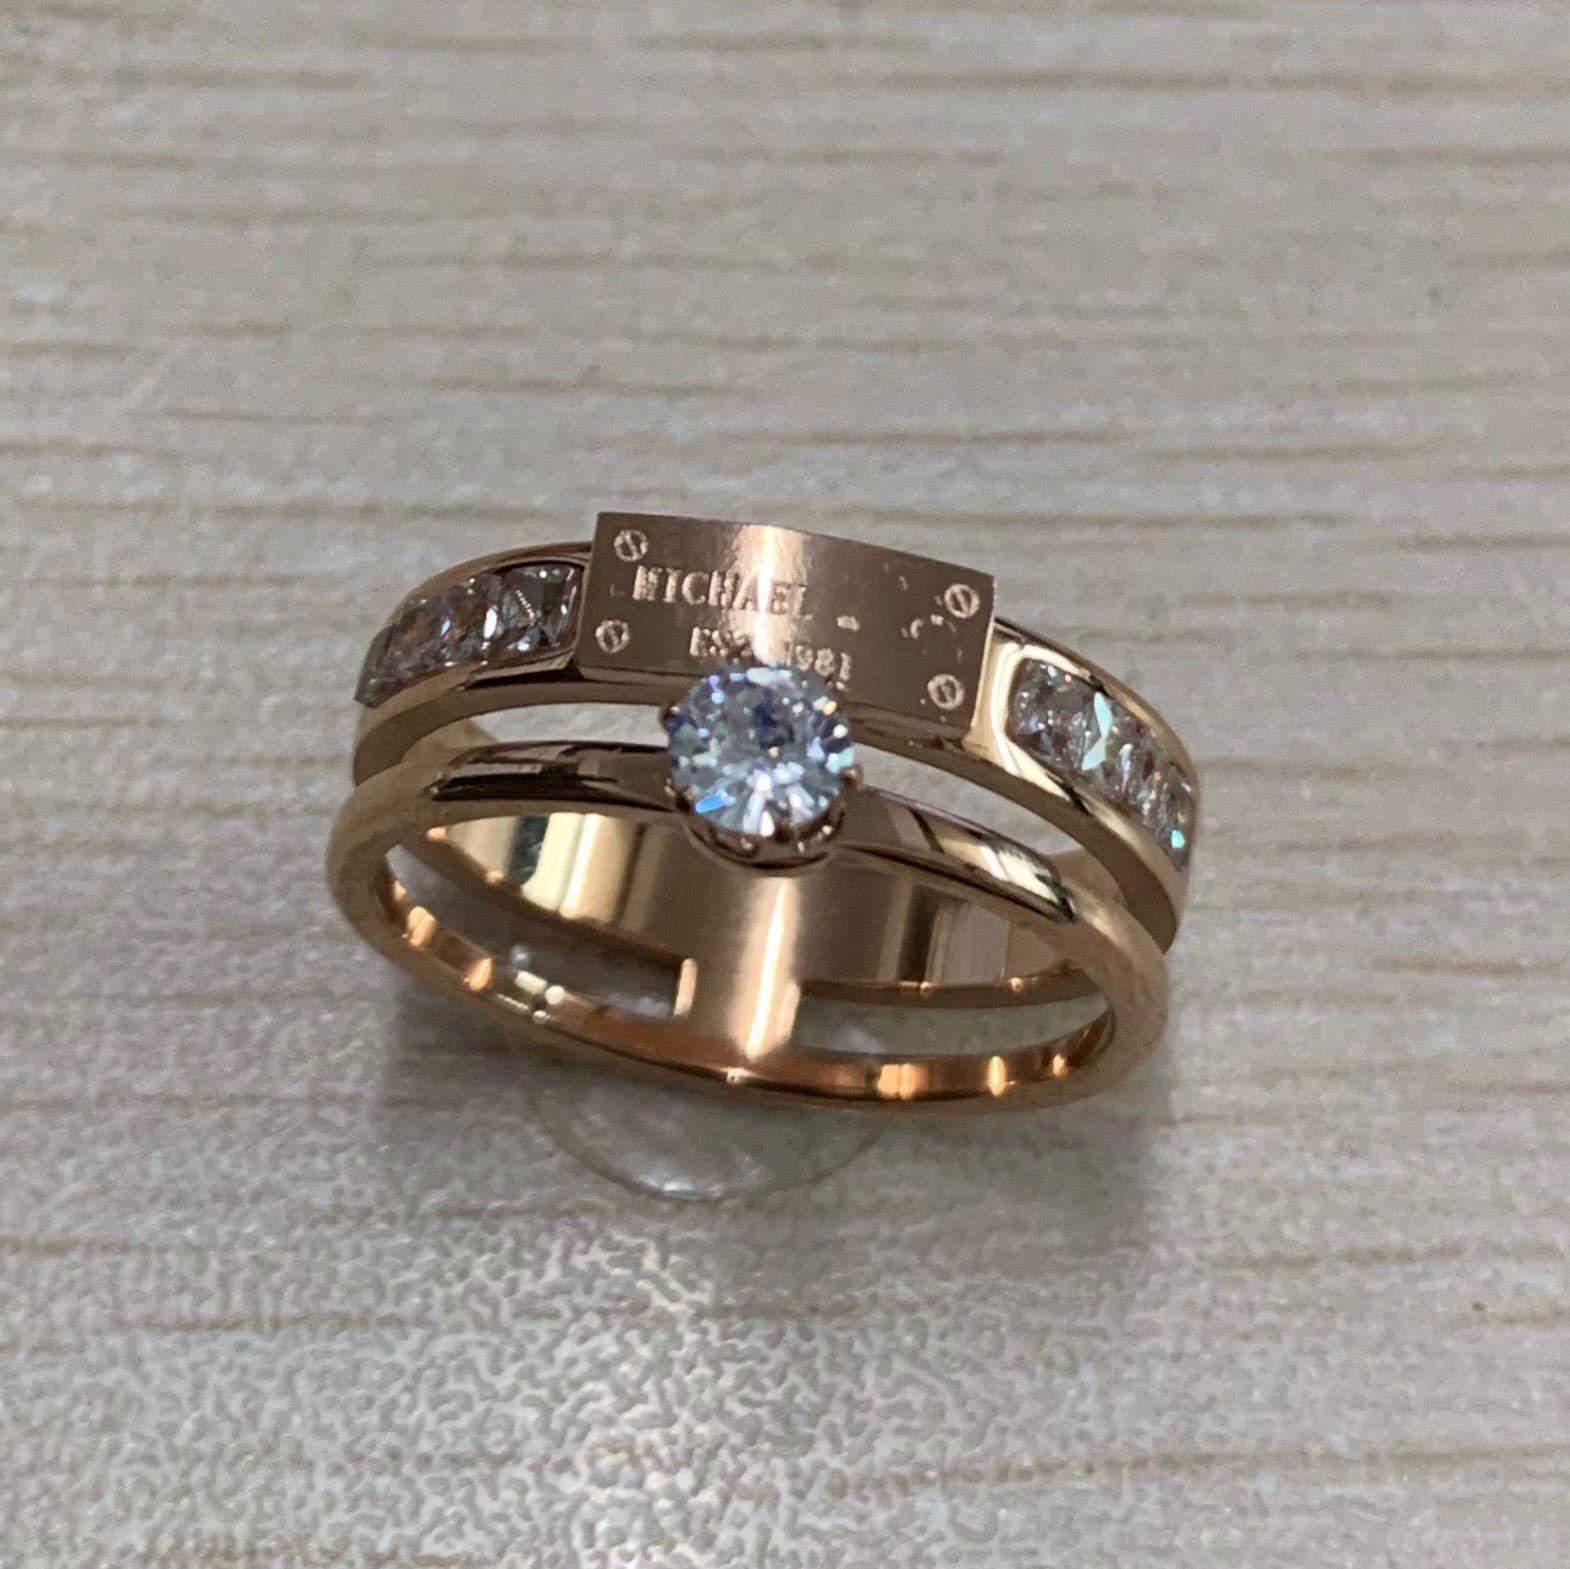 316L التيتانيوم الصلب الأظافر حلقات عشاق عصا حلقات حجم 6،7،8،9 للنساء والرجال الماس الزفاف مجوهرات هدية مربع اختياري